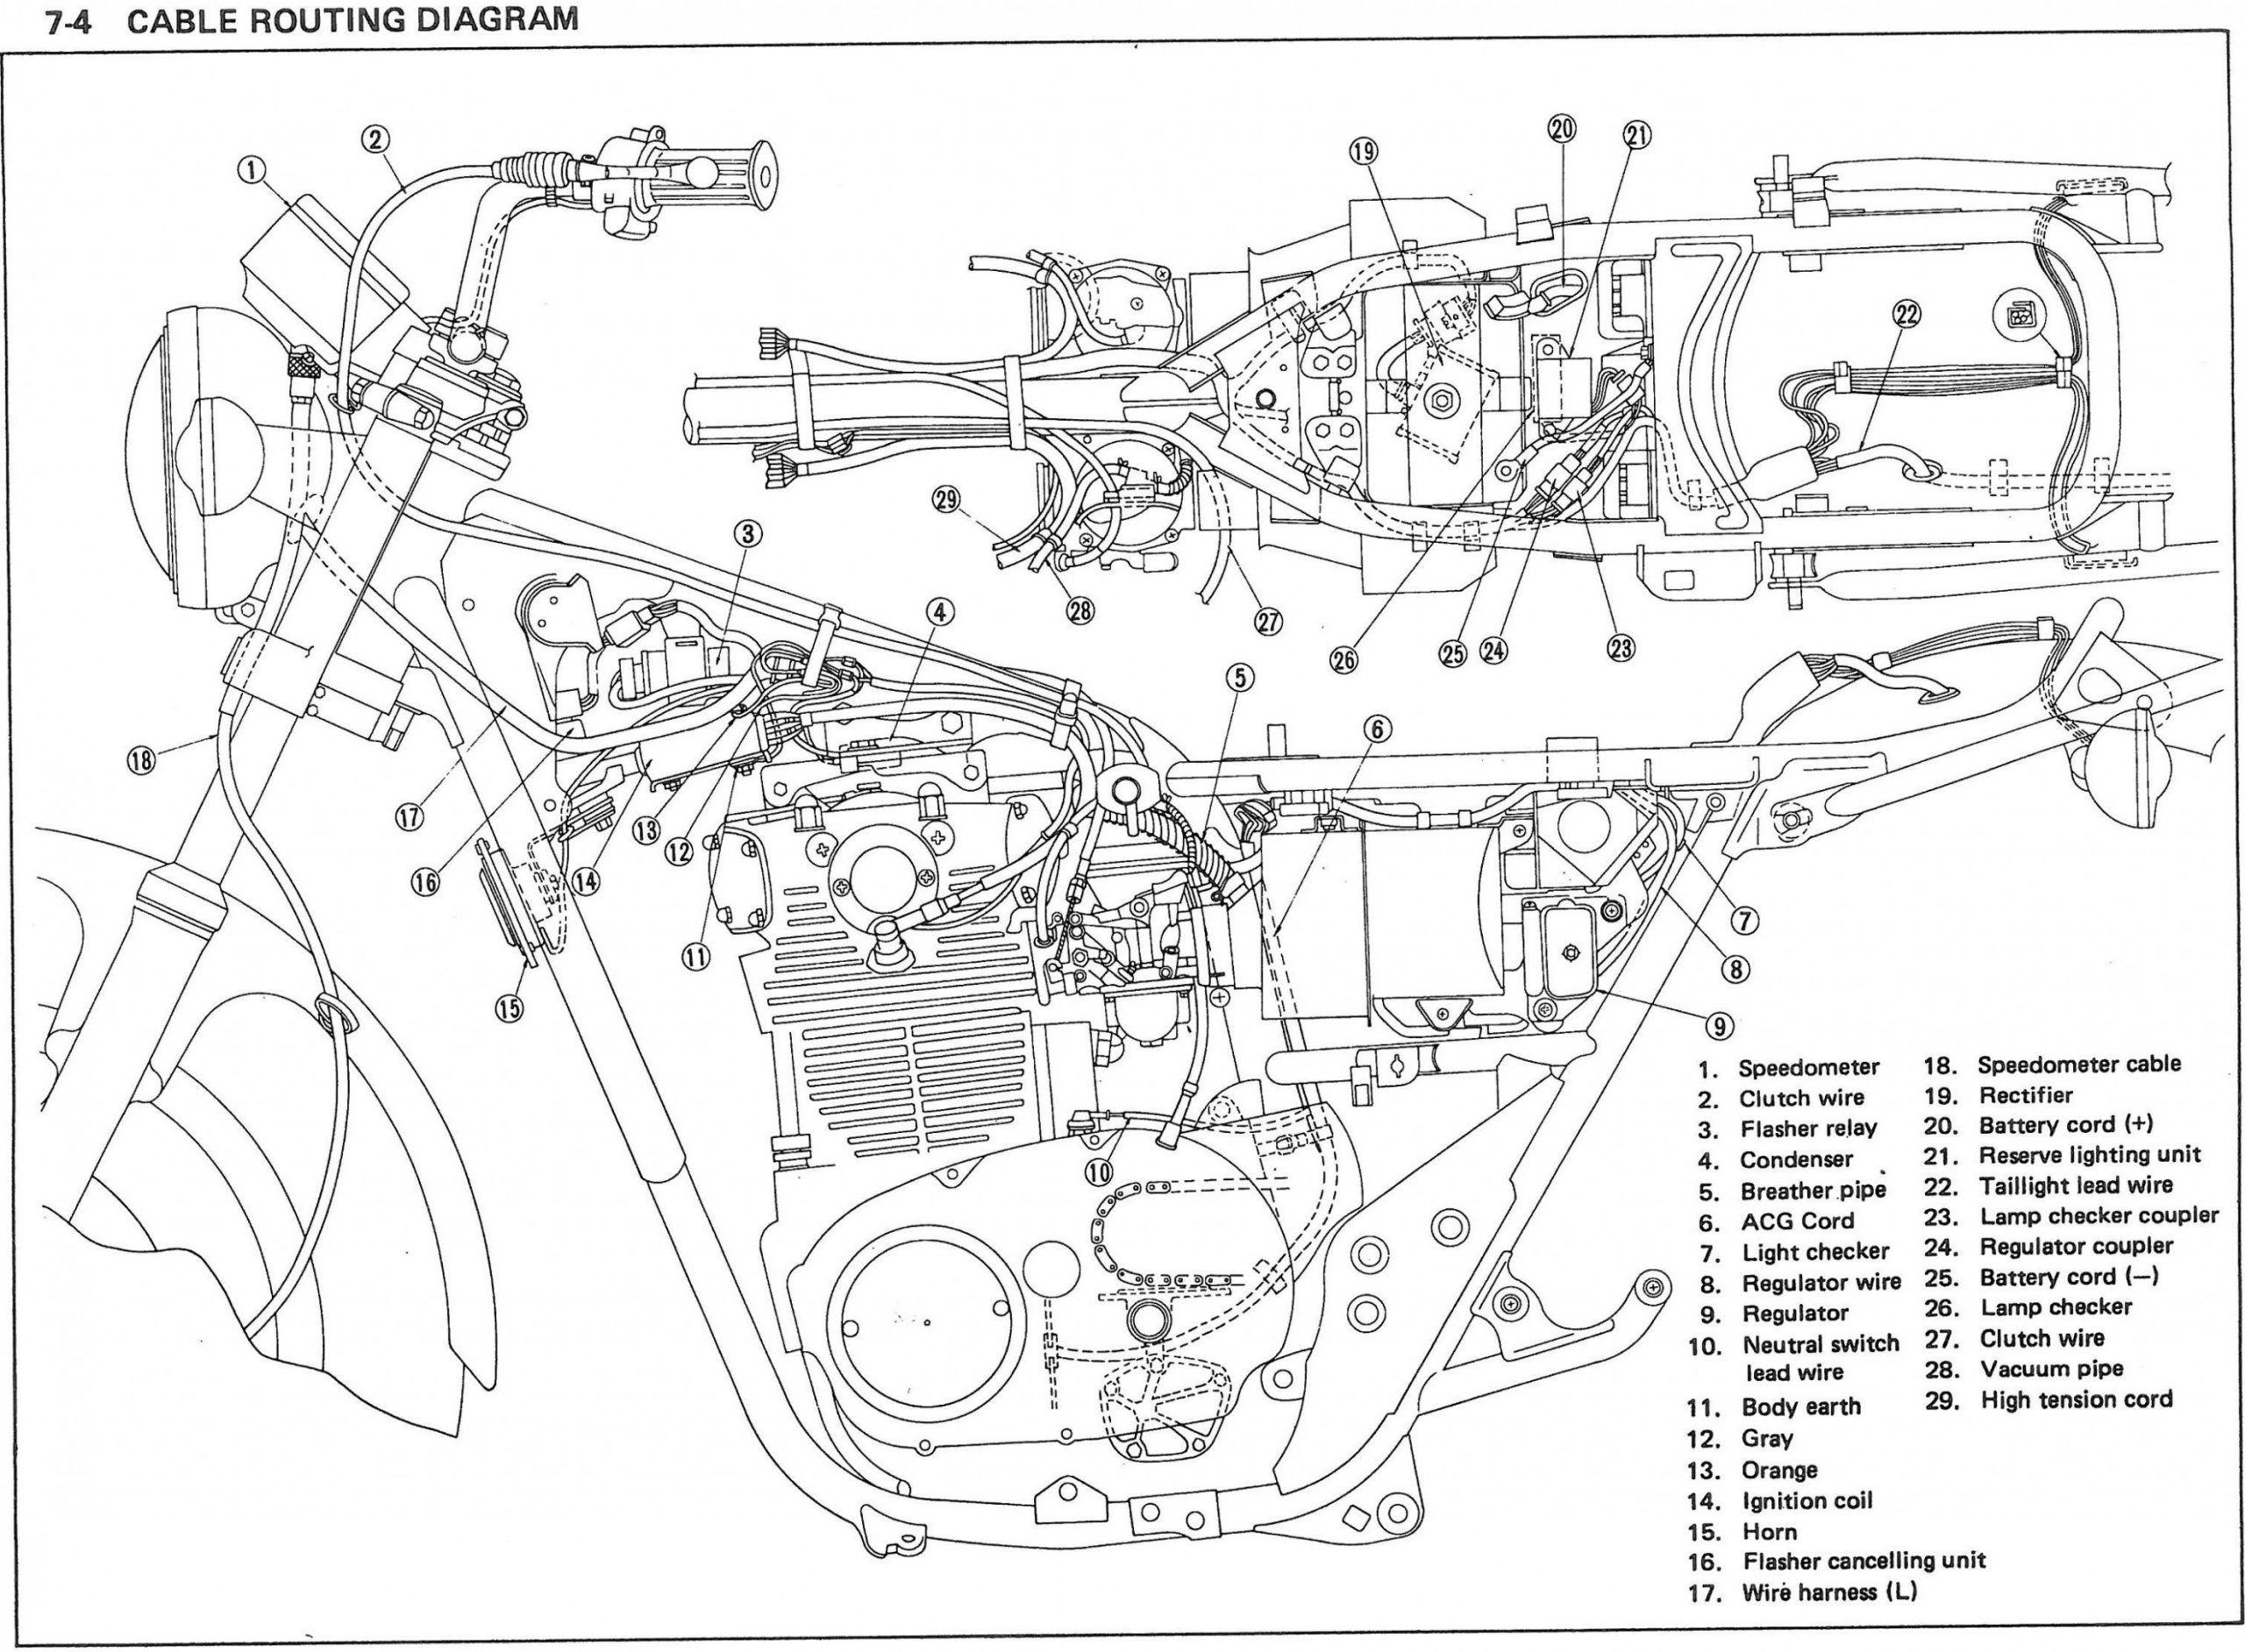 Xs5 Engine Diagram Book di 2020 (Dengan gambar)